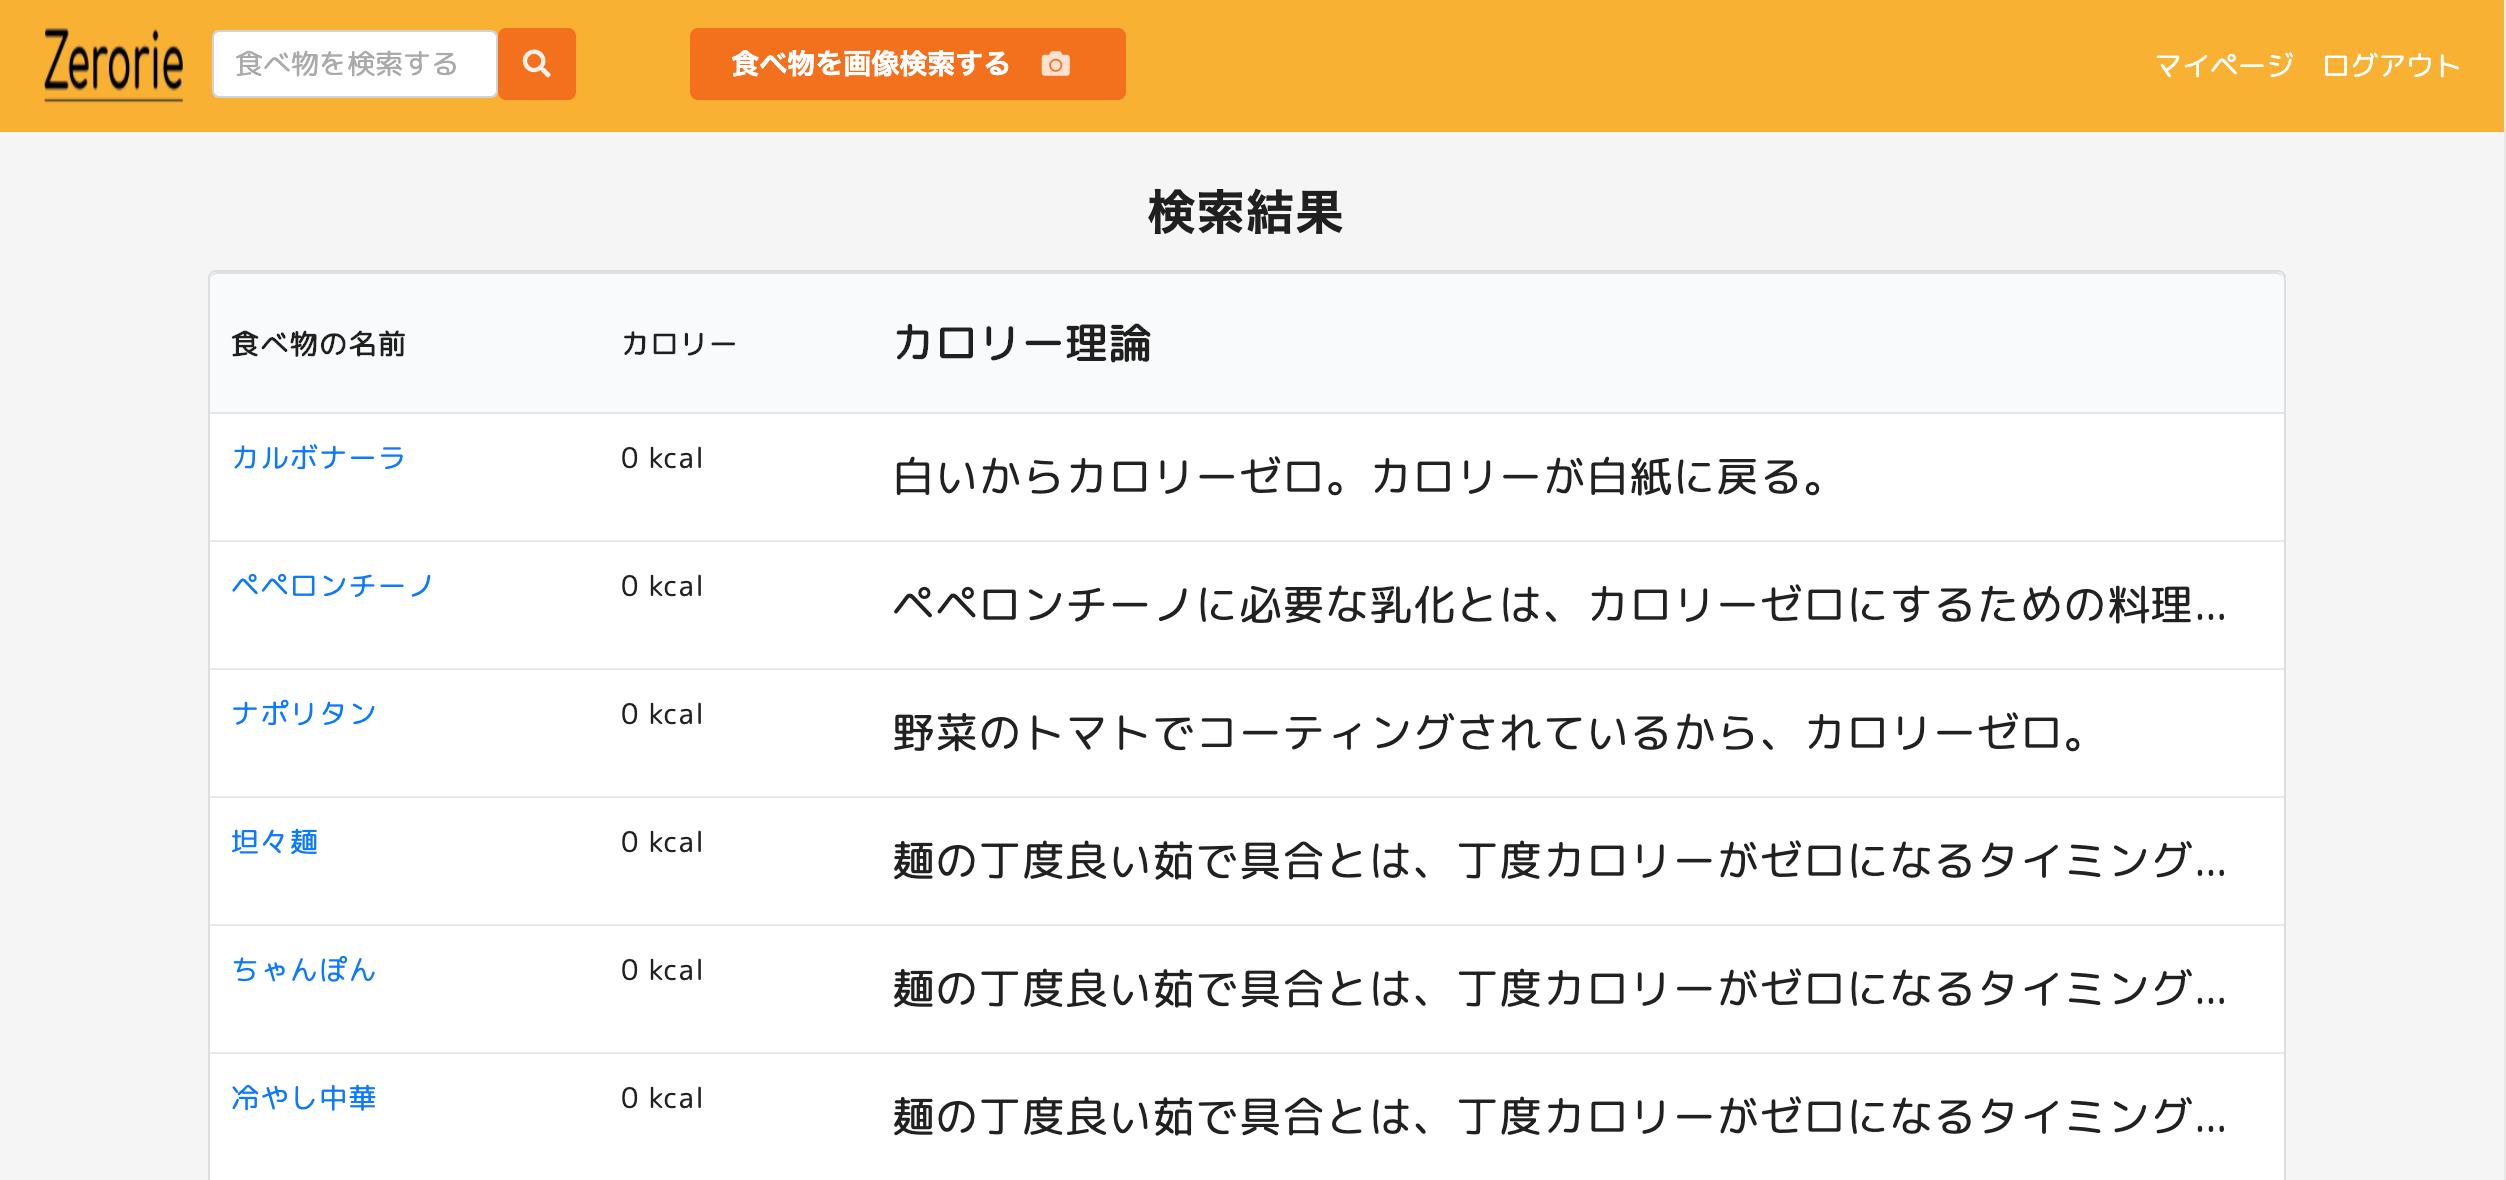 スクリーンショット 2020-10-16 15.35.12.png